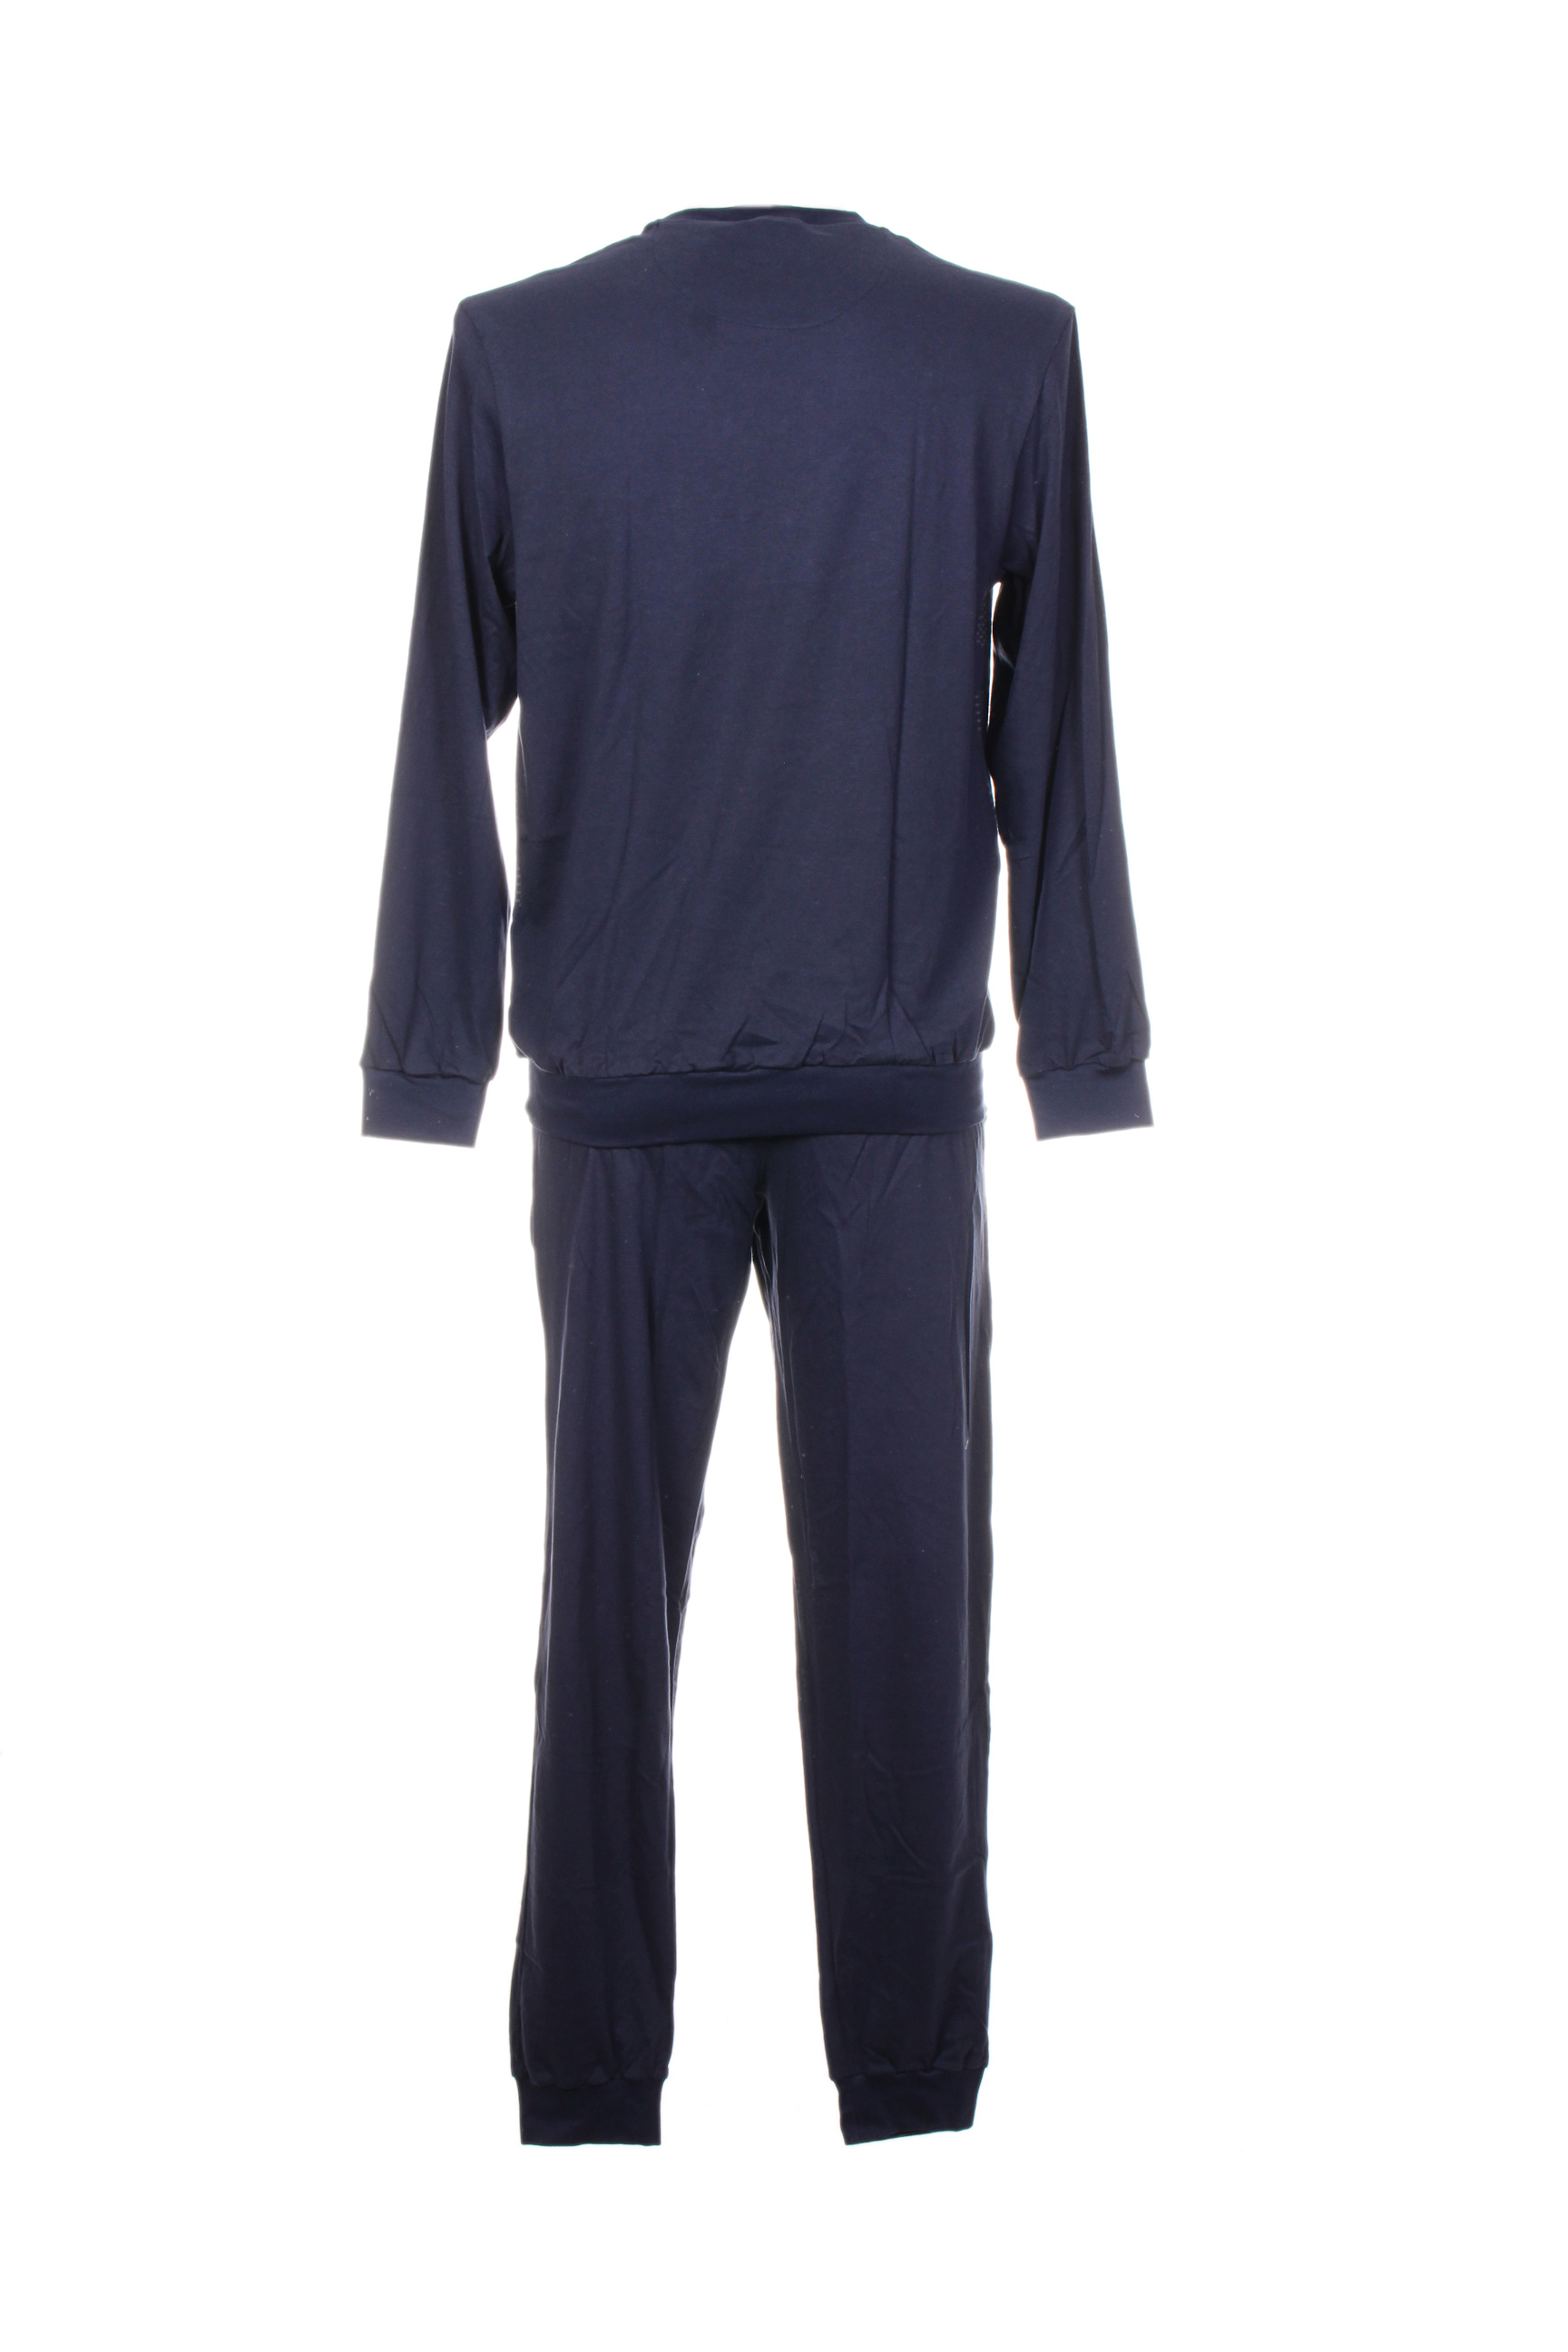 Eminence Pyjamas 1 Homme De Couleur Bleu En Soldes Pas Cher 1289382-bleu00